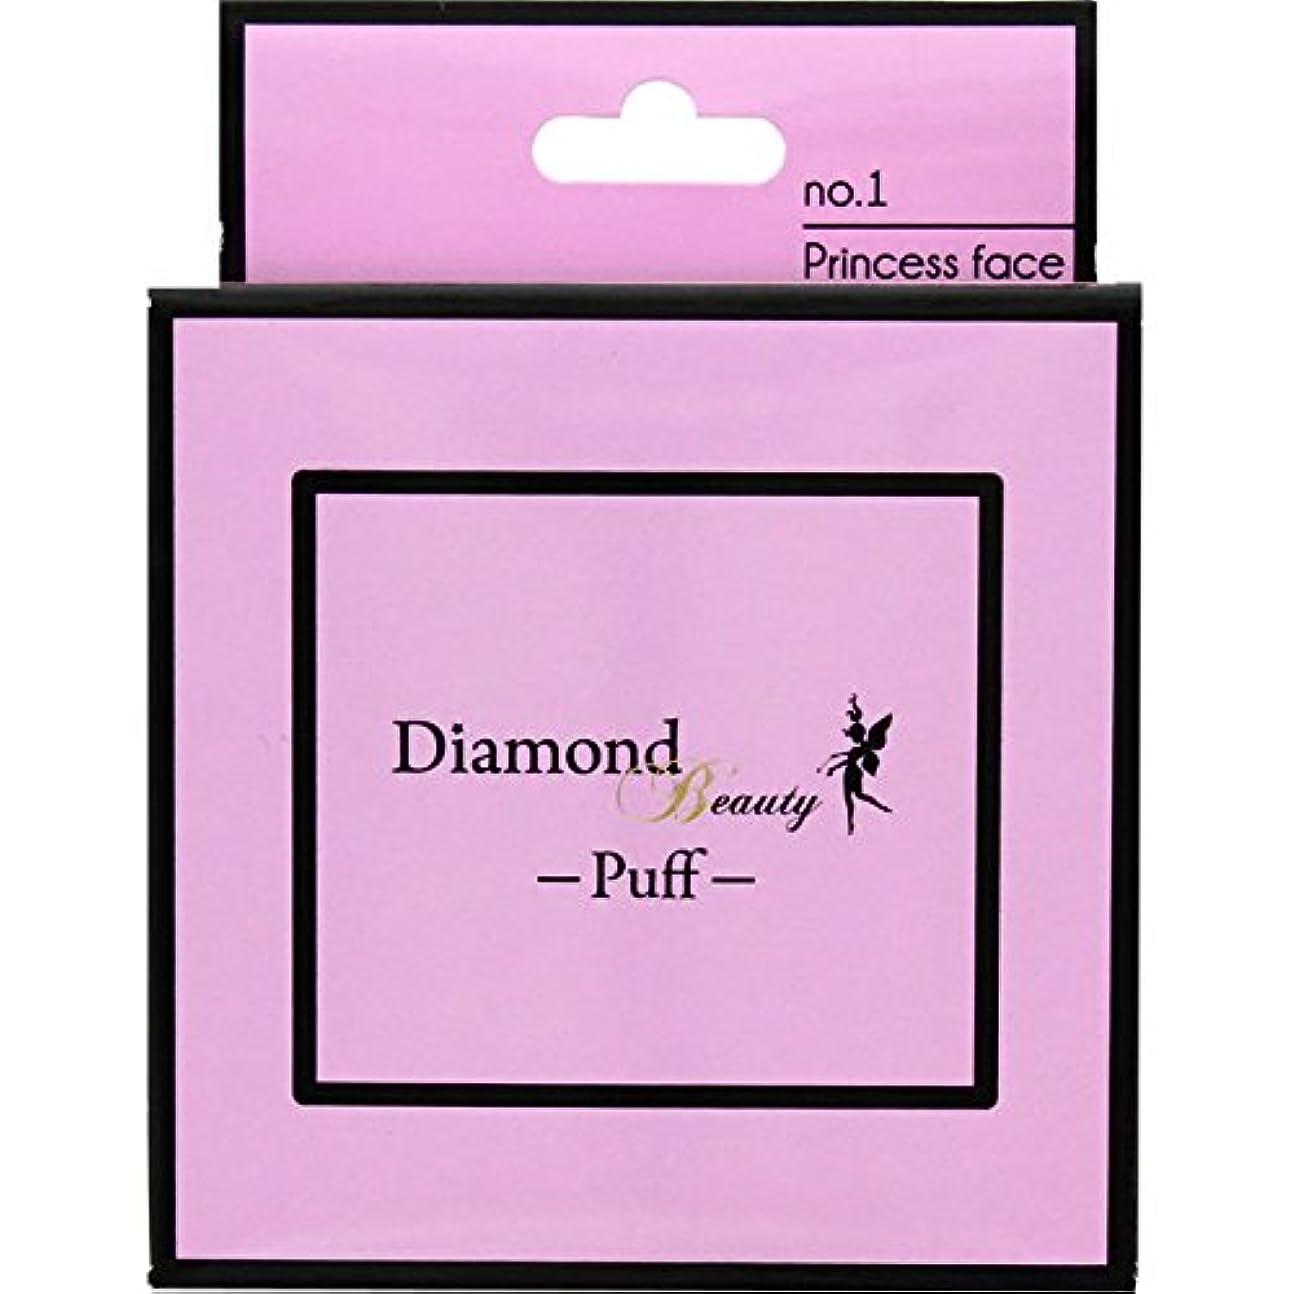 休み歯心理的にダイヤモンドビューティー パフ 01 プリンセスフェイス